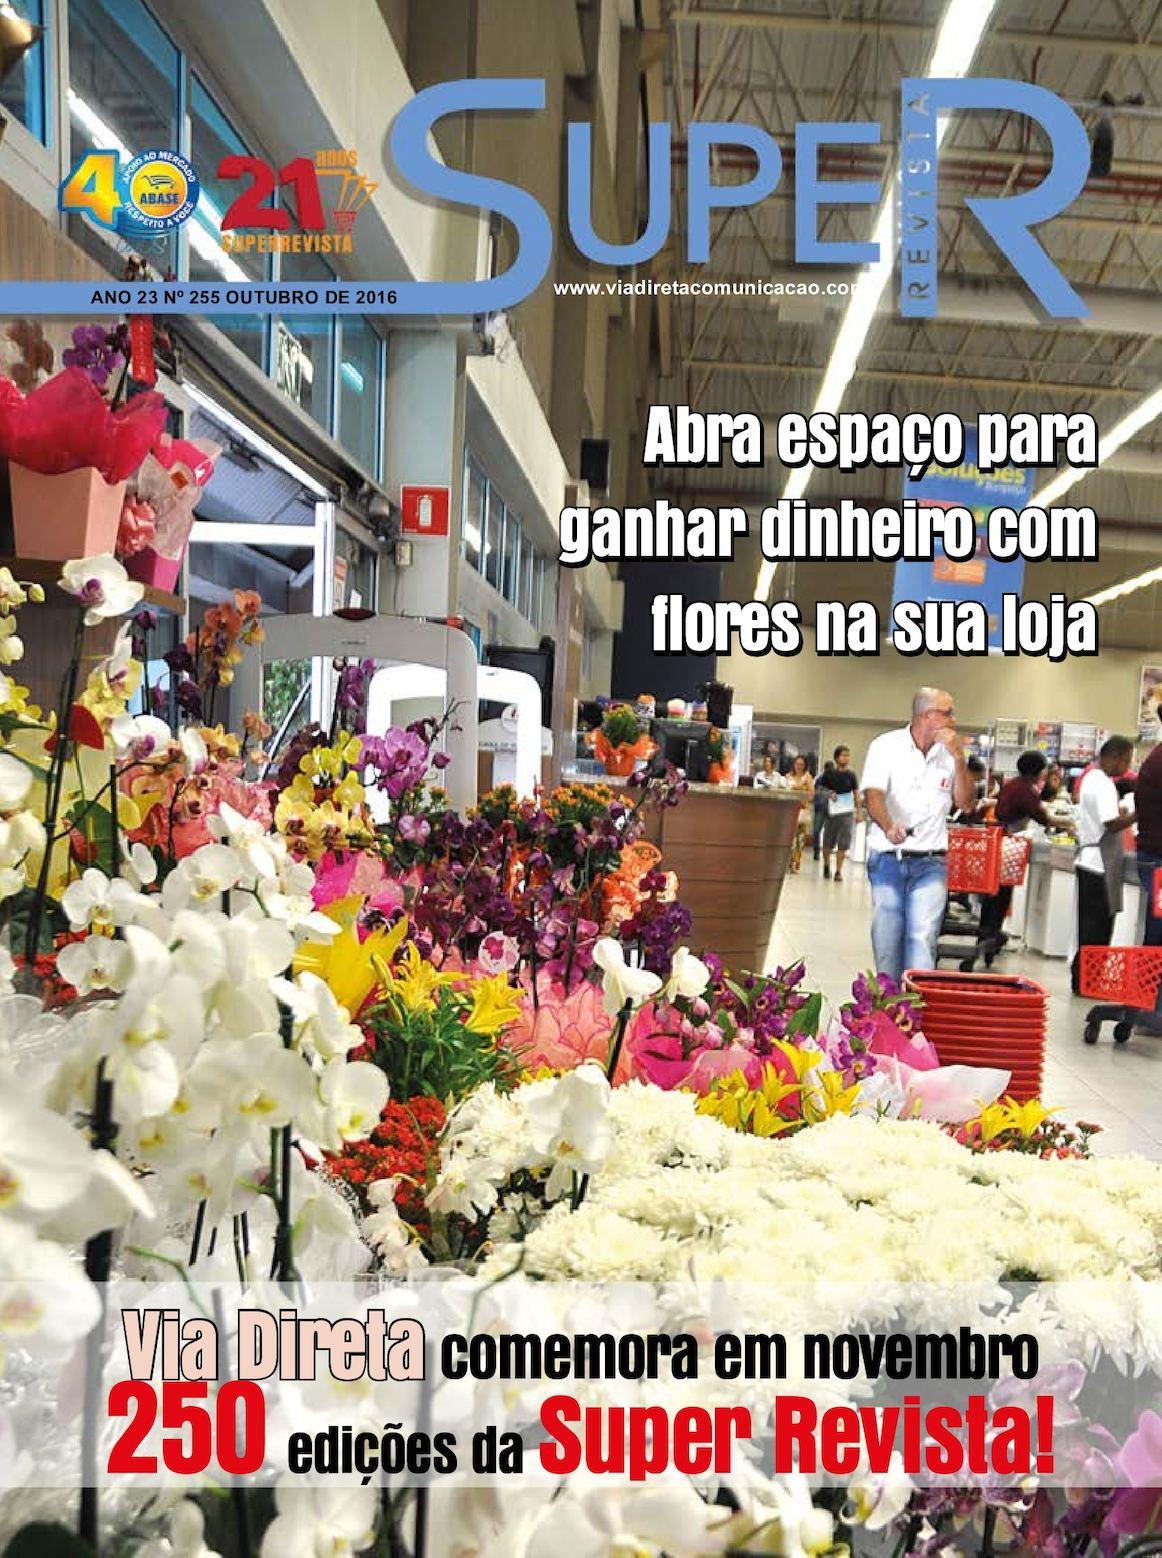 29e7cbb61 Calaméo - Abase - Super Revista - Outubro 2016